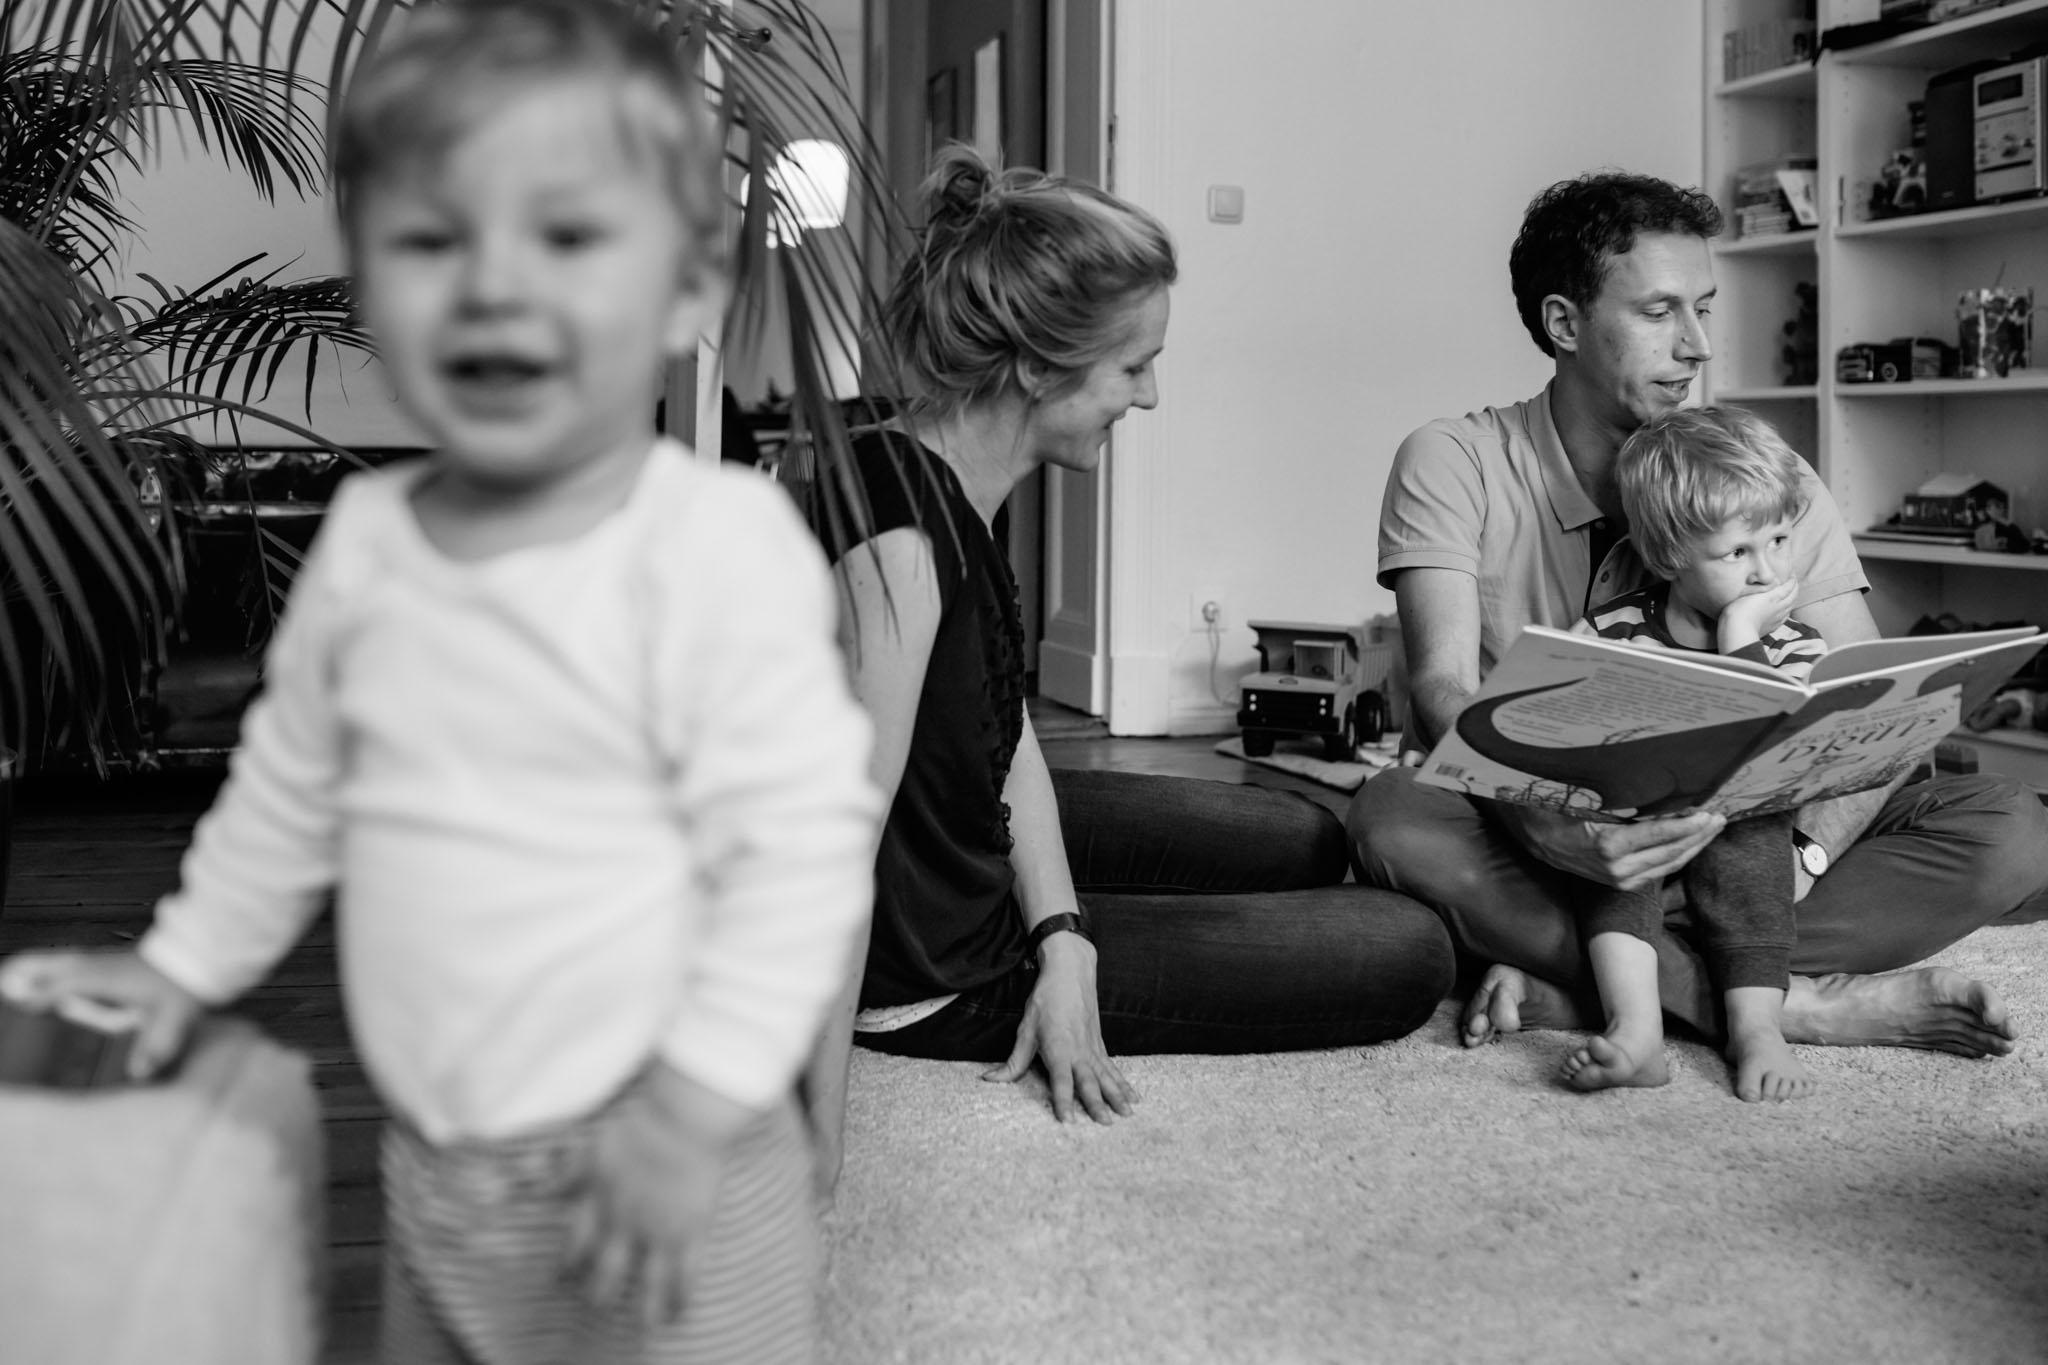 fotoreportage-familie-alltag-zuhause-schwarzweiss-berlin-kreuzberg